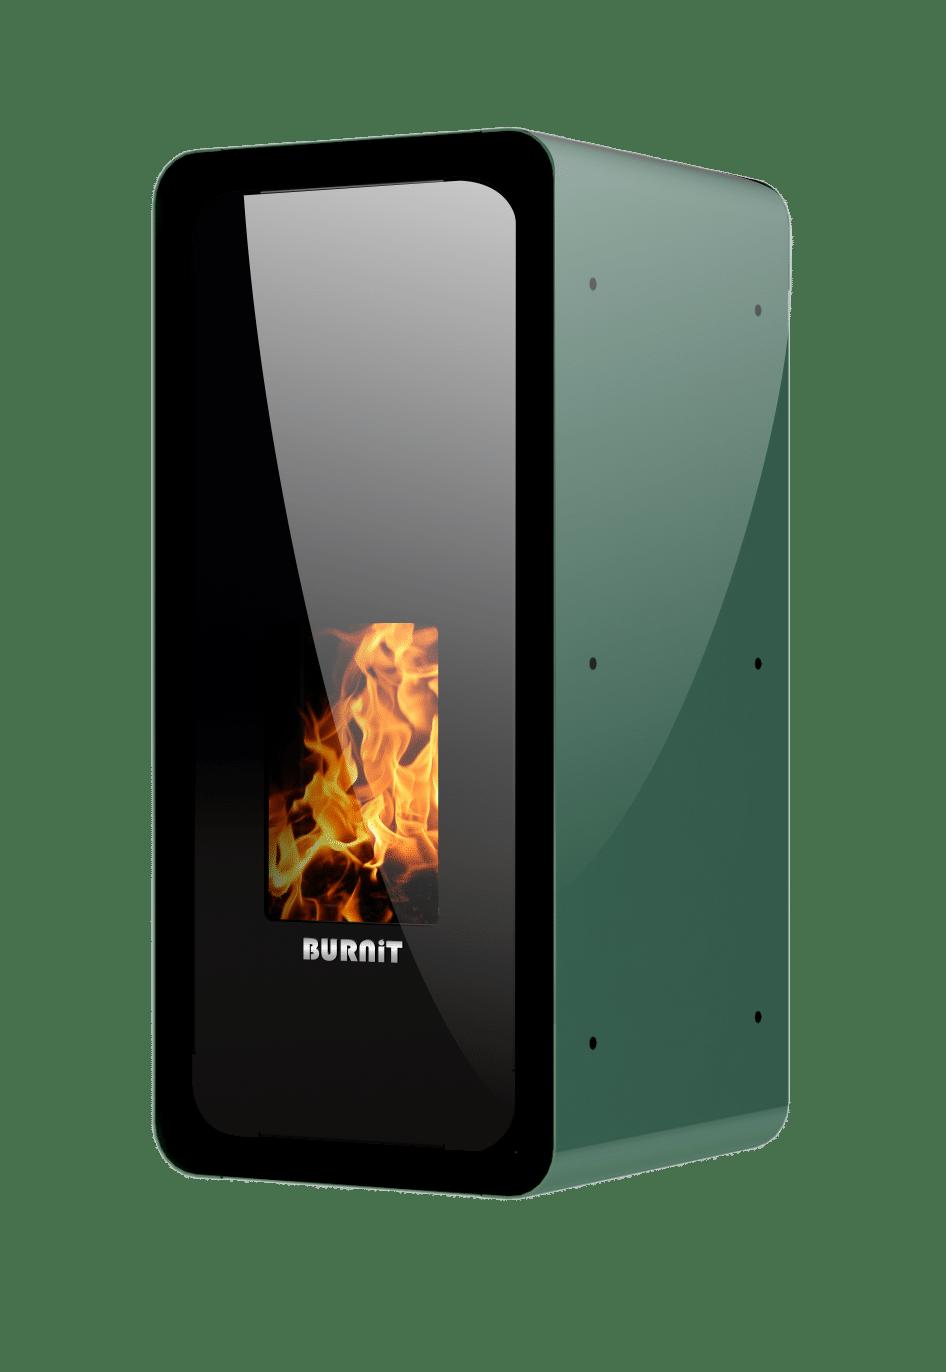 Pellet stove Calor_Pine Green_Burnit_new2